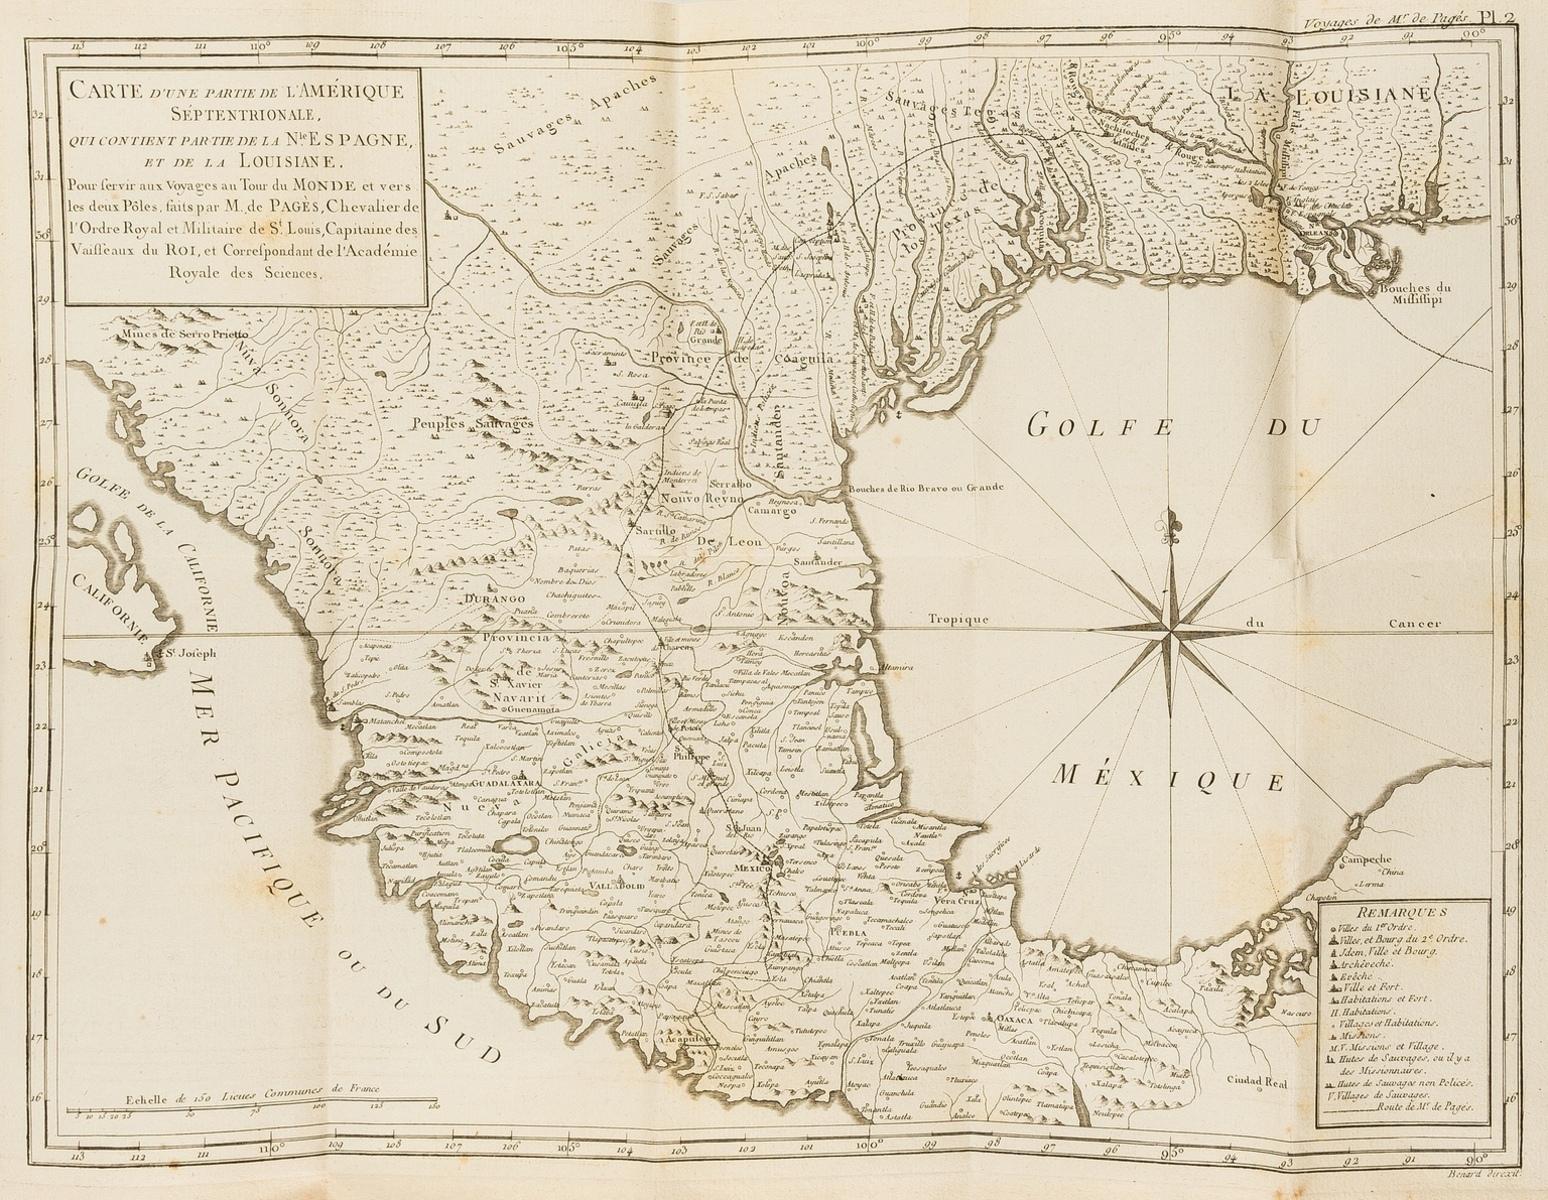 Voyages.- Pages (Pierre Marie Francois, Vicomte) Voyages autour du Monde, et vers les Deux Poles, …